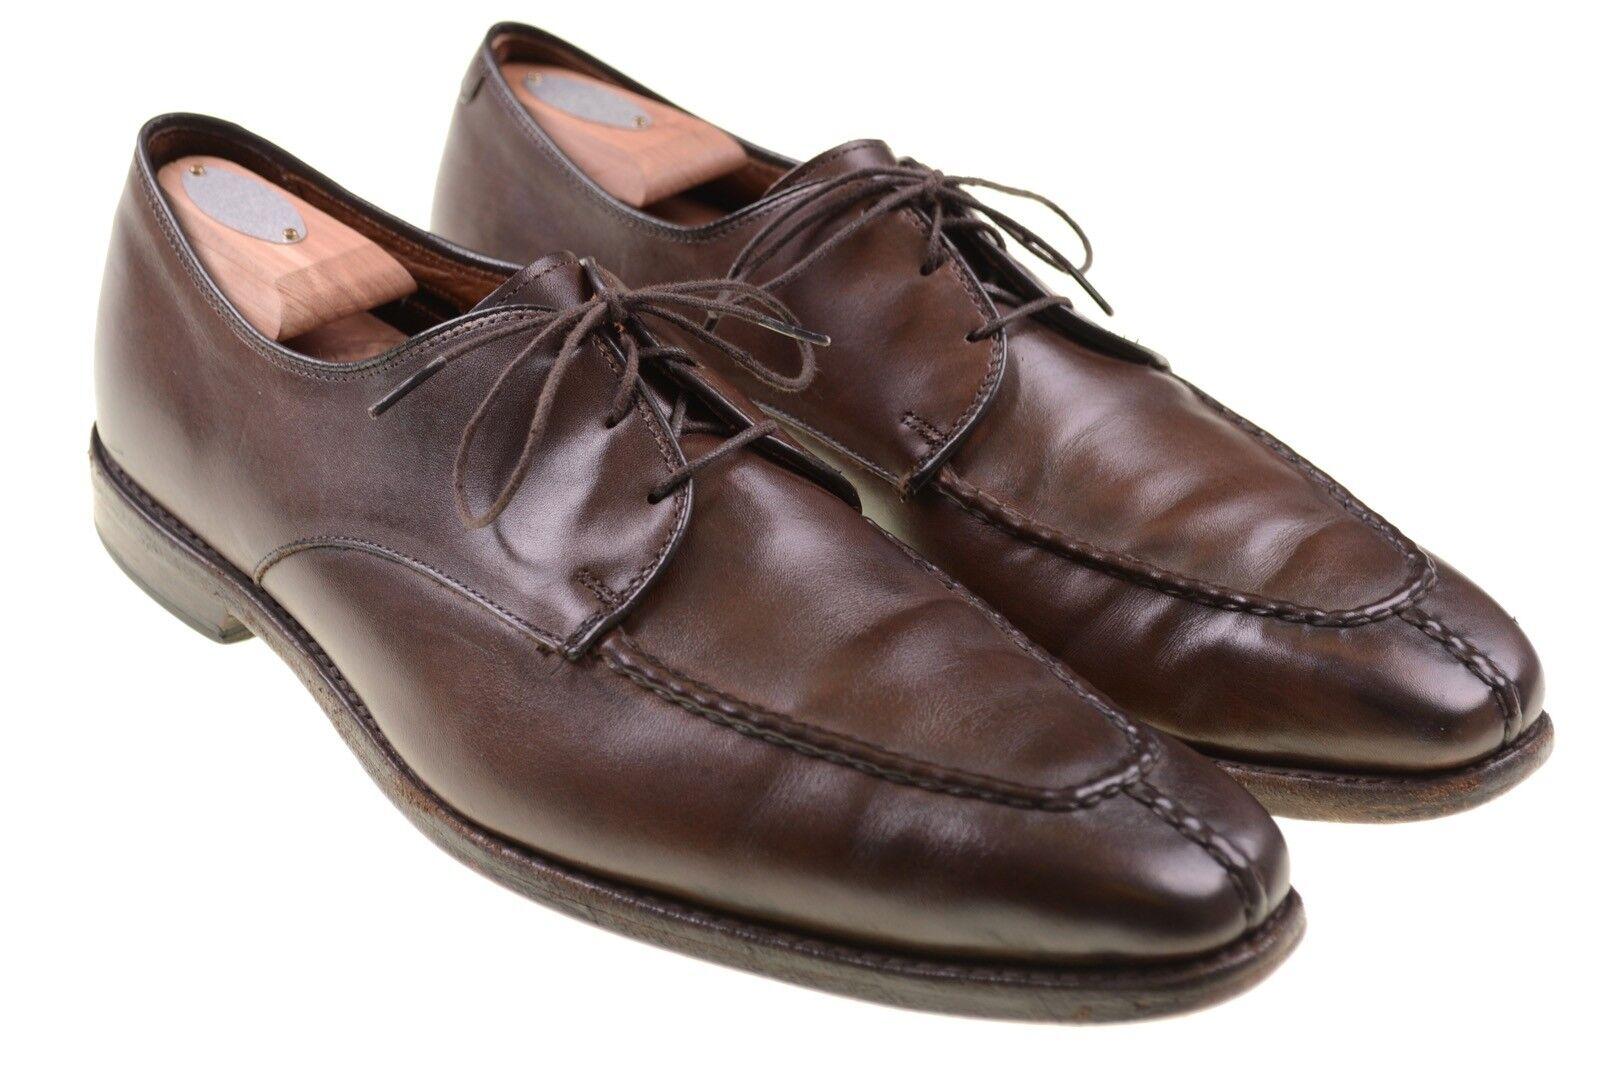 Allen Edmonds Parkway Brown Leather Split Toe Blucher Dress Shoes 12 B